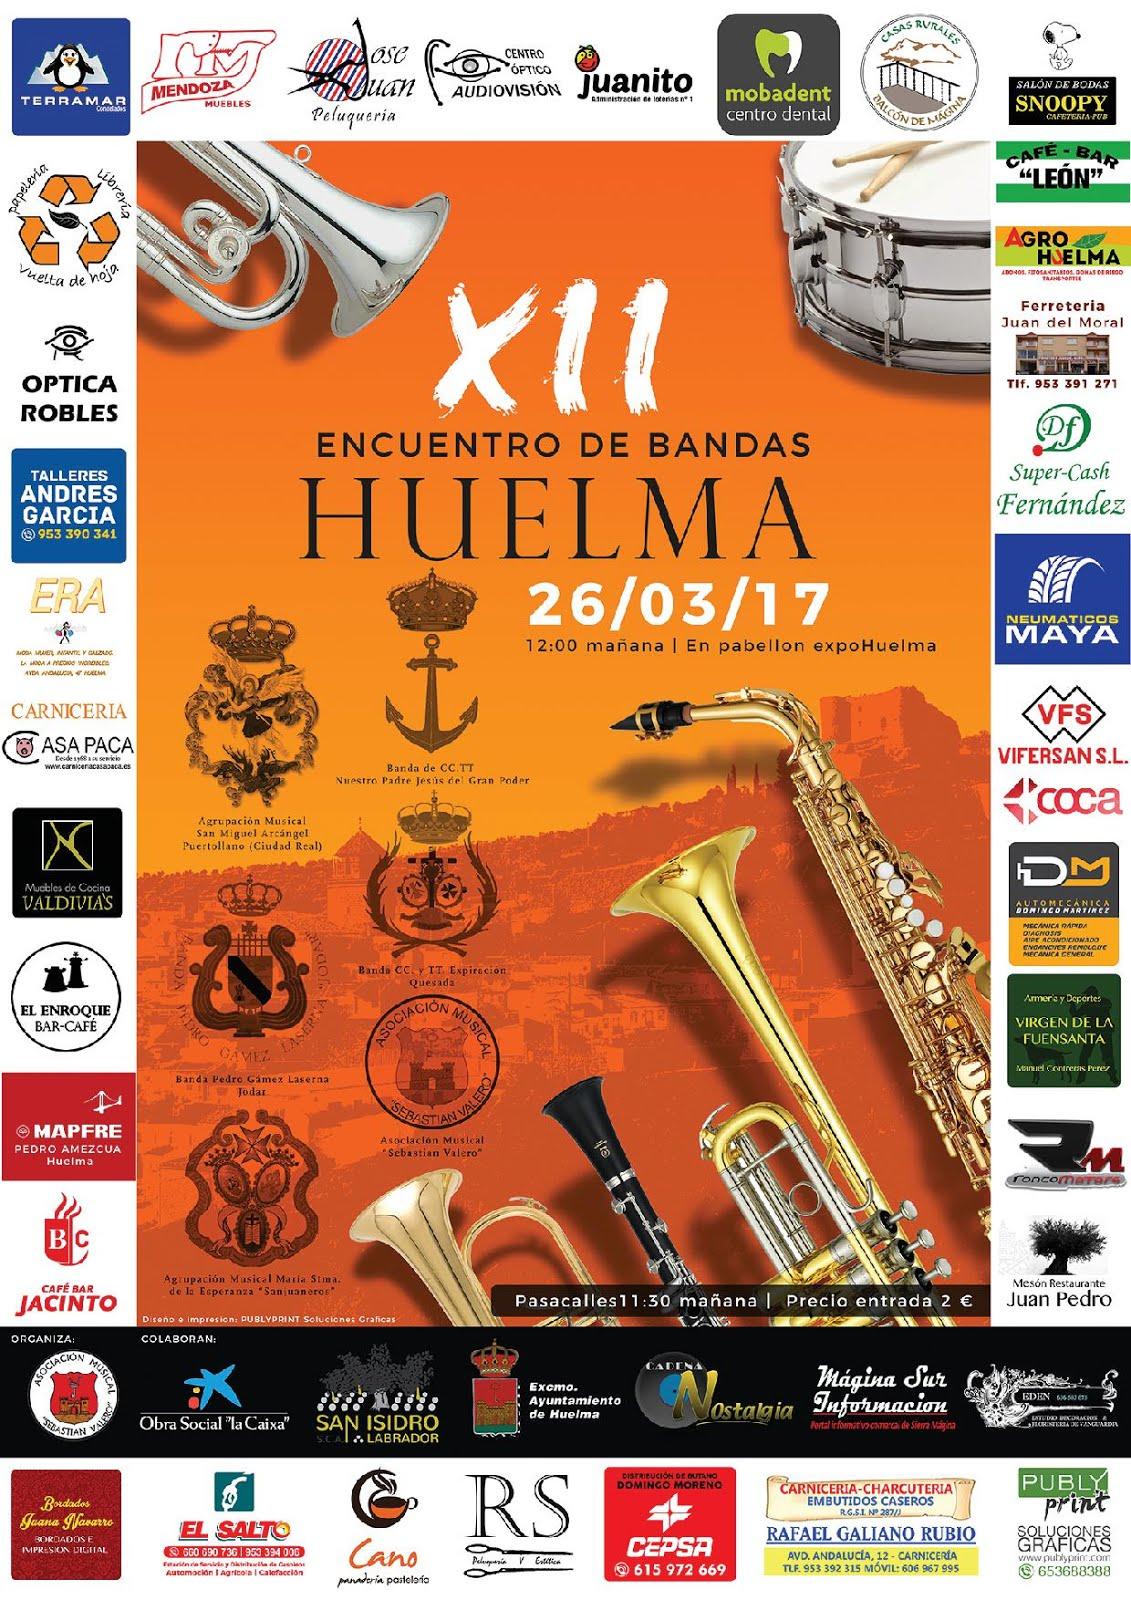 XII CERTAMEN DE BANDAS DE MÚSICA COFRADE 2017 EN HUELMA